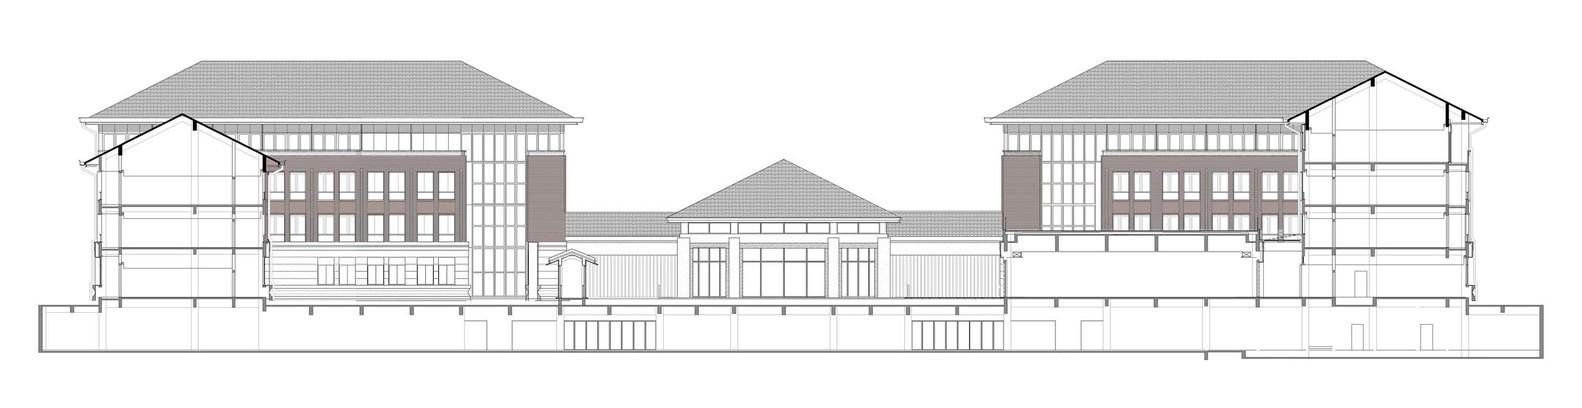 浙江大学国际联合学院(海宁国际校区)西区书院建筑设计/浙江大学建筑设计研究院